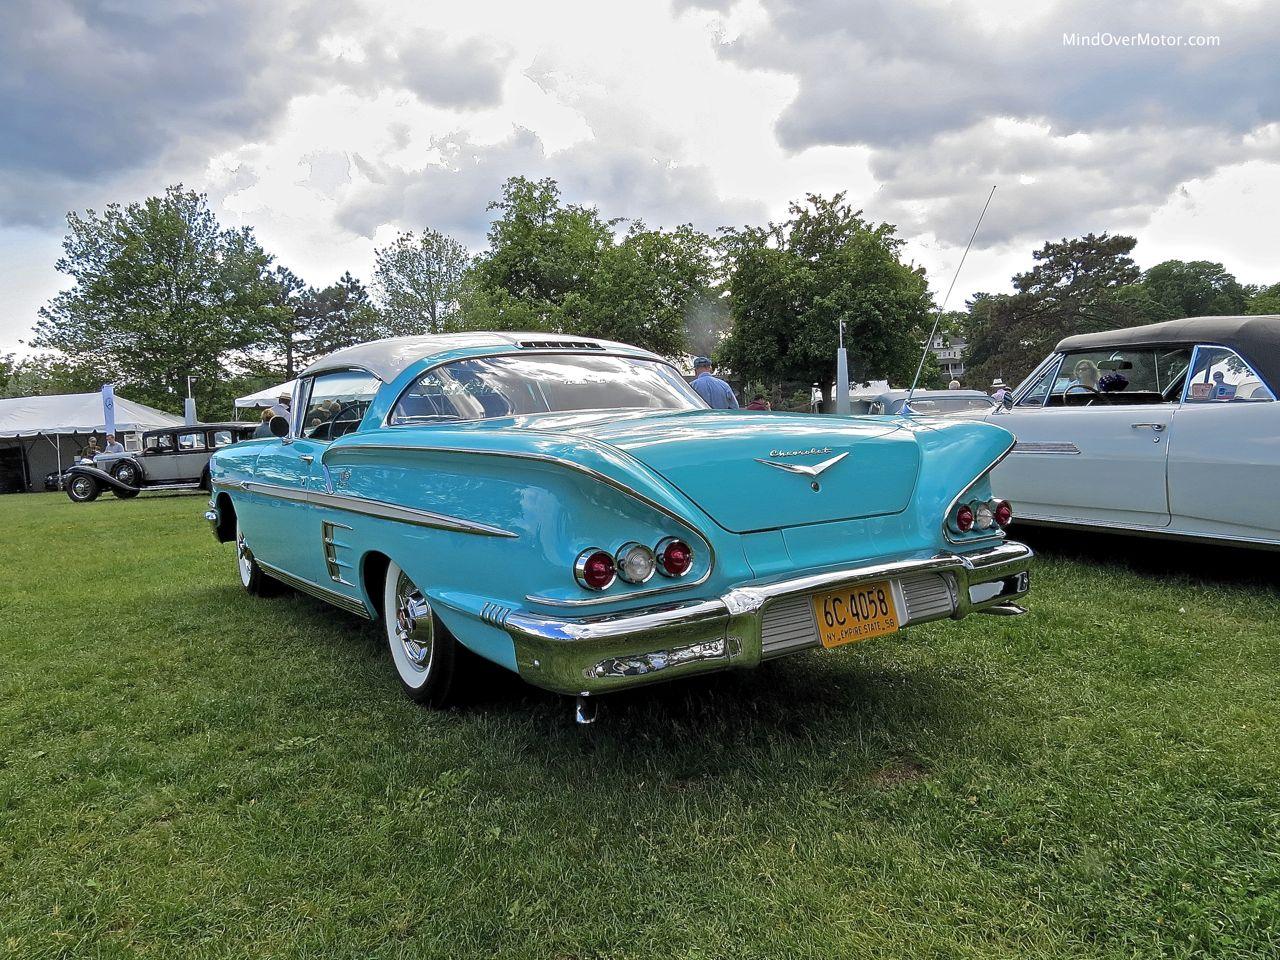 1958 Chevrolet Impala Rear 2